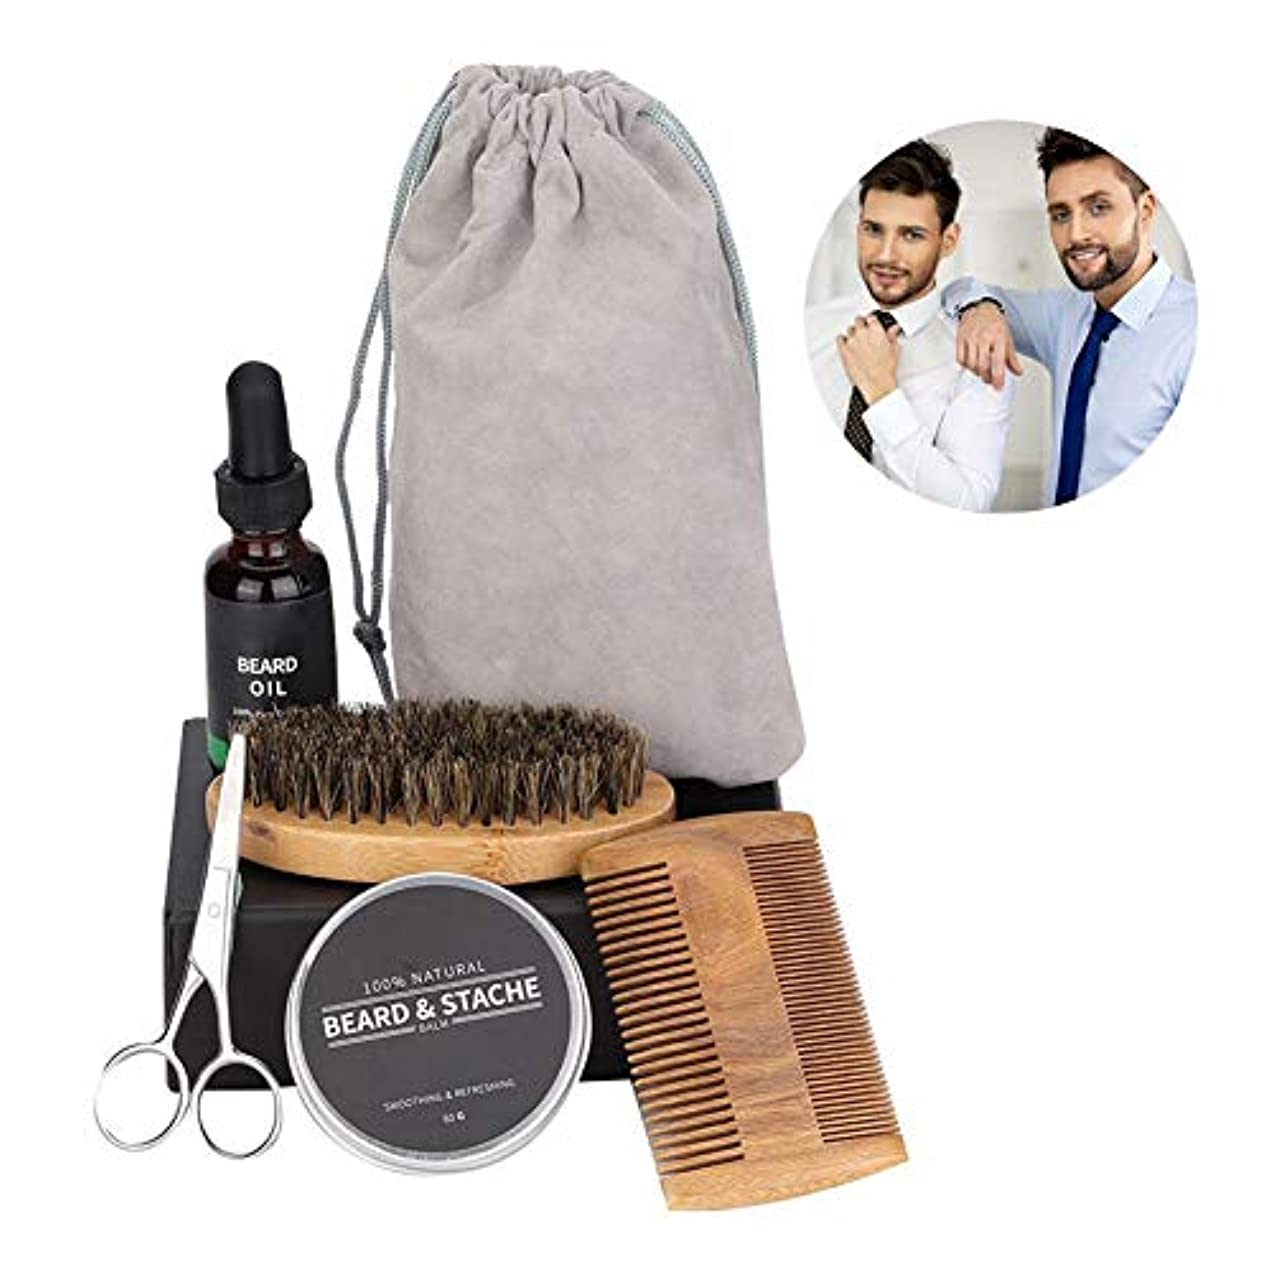 心理的に心配する抵抗力がある髭手入れキット、髭手入れキットを含む男性または父親のための髭成長手入れおよびトリミングキット、髭オイル、髭ケアバーム、櫛、はさみ、ブラシ、収納袋